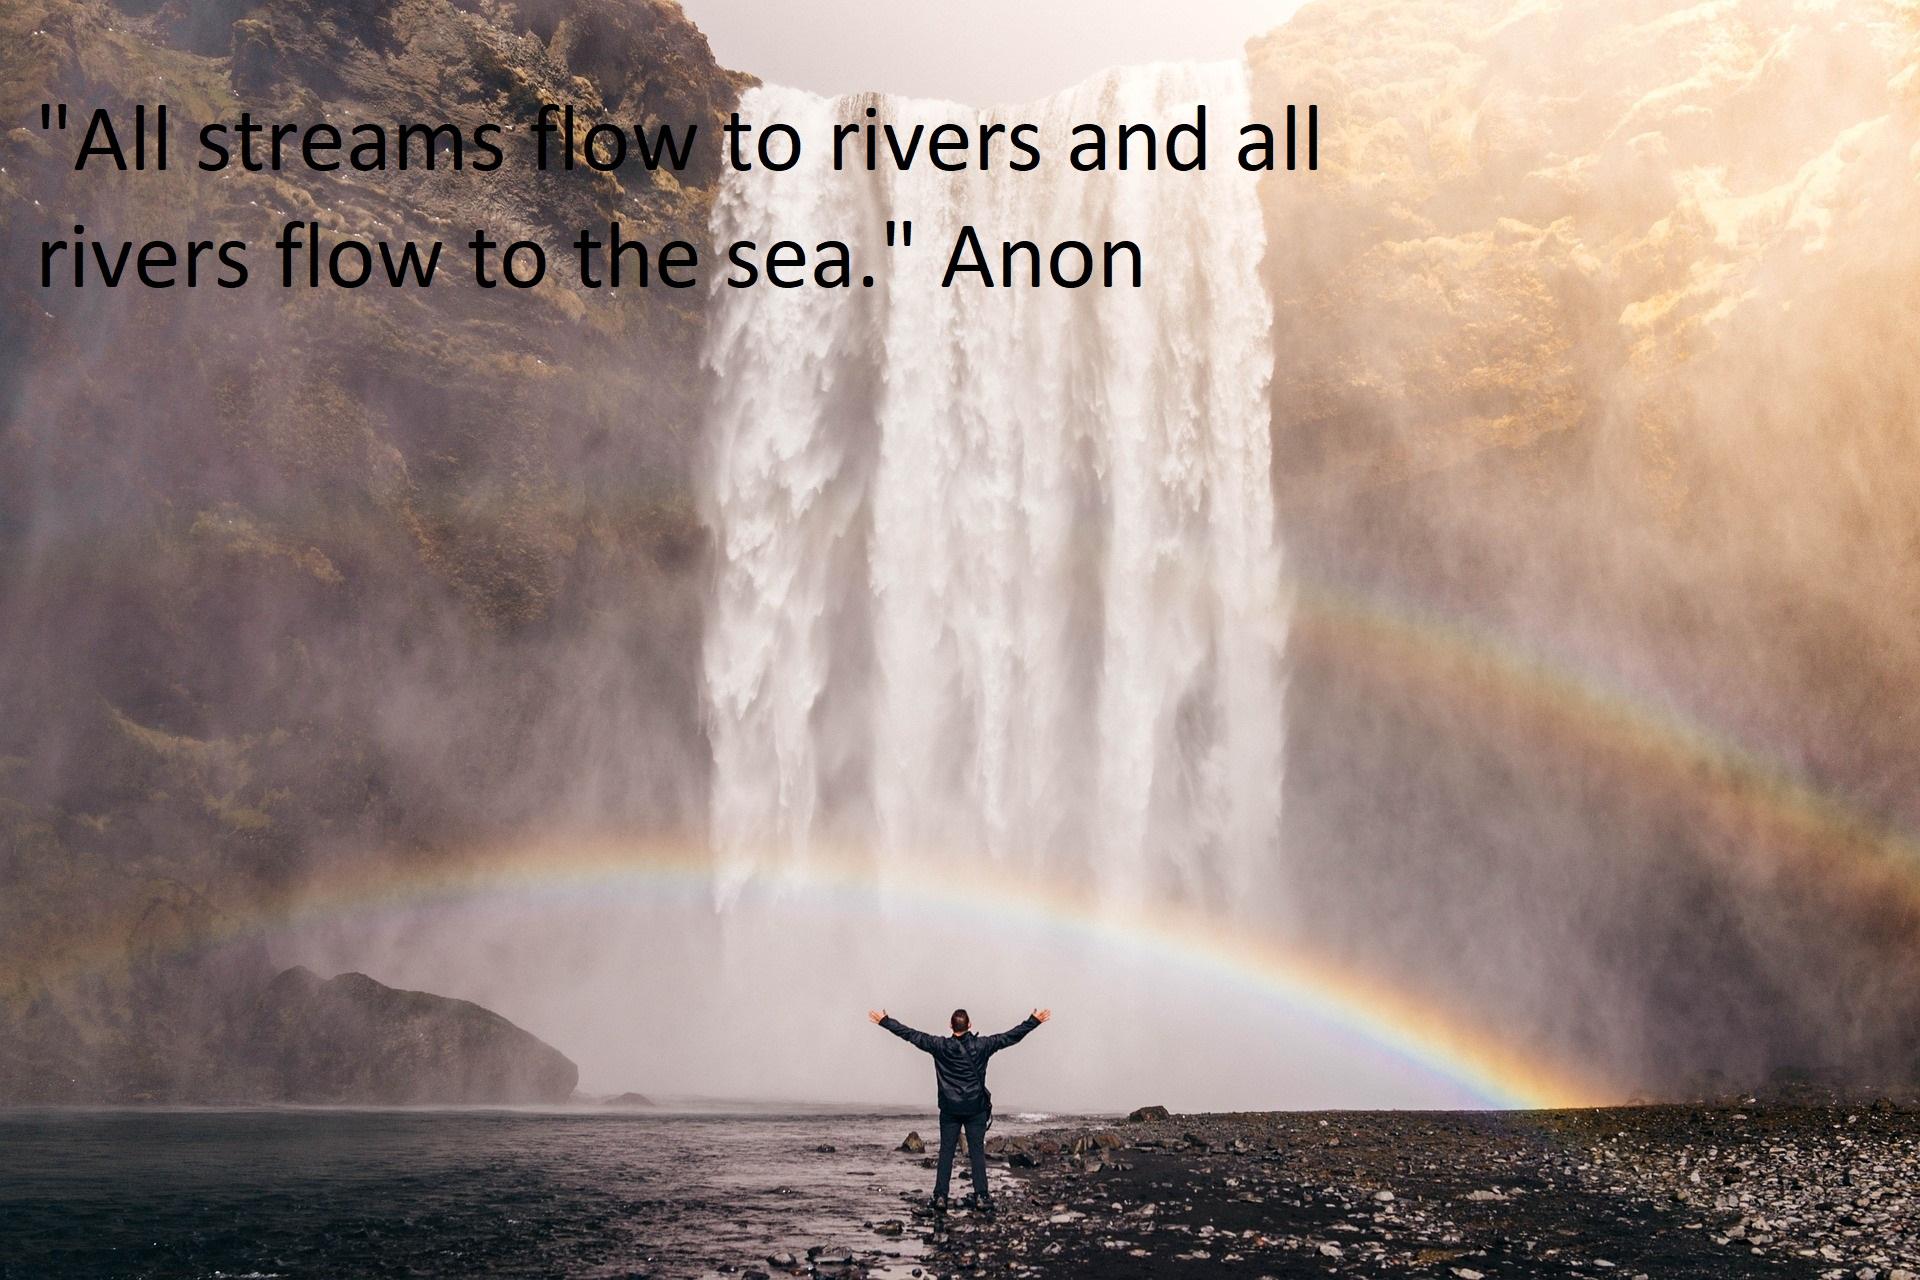 ocean-sailing-quote